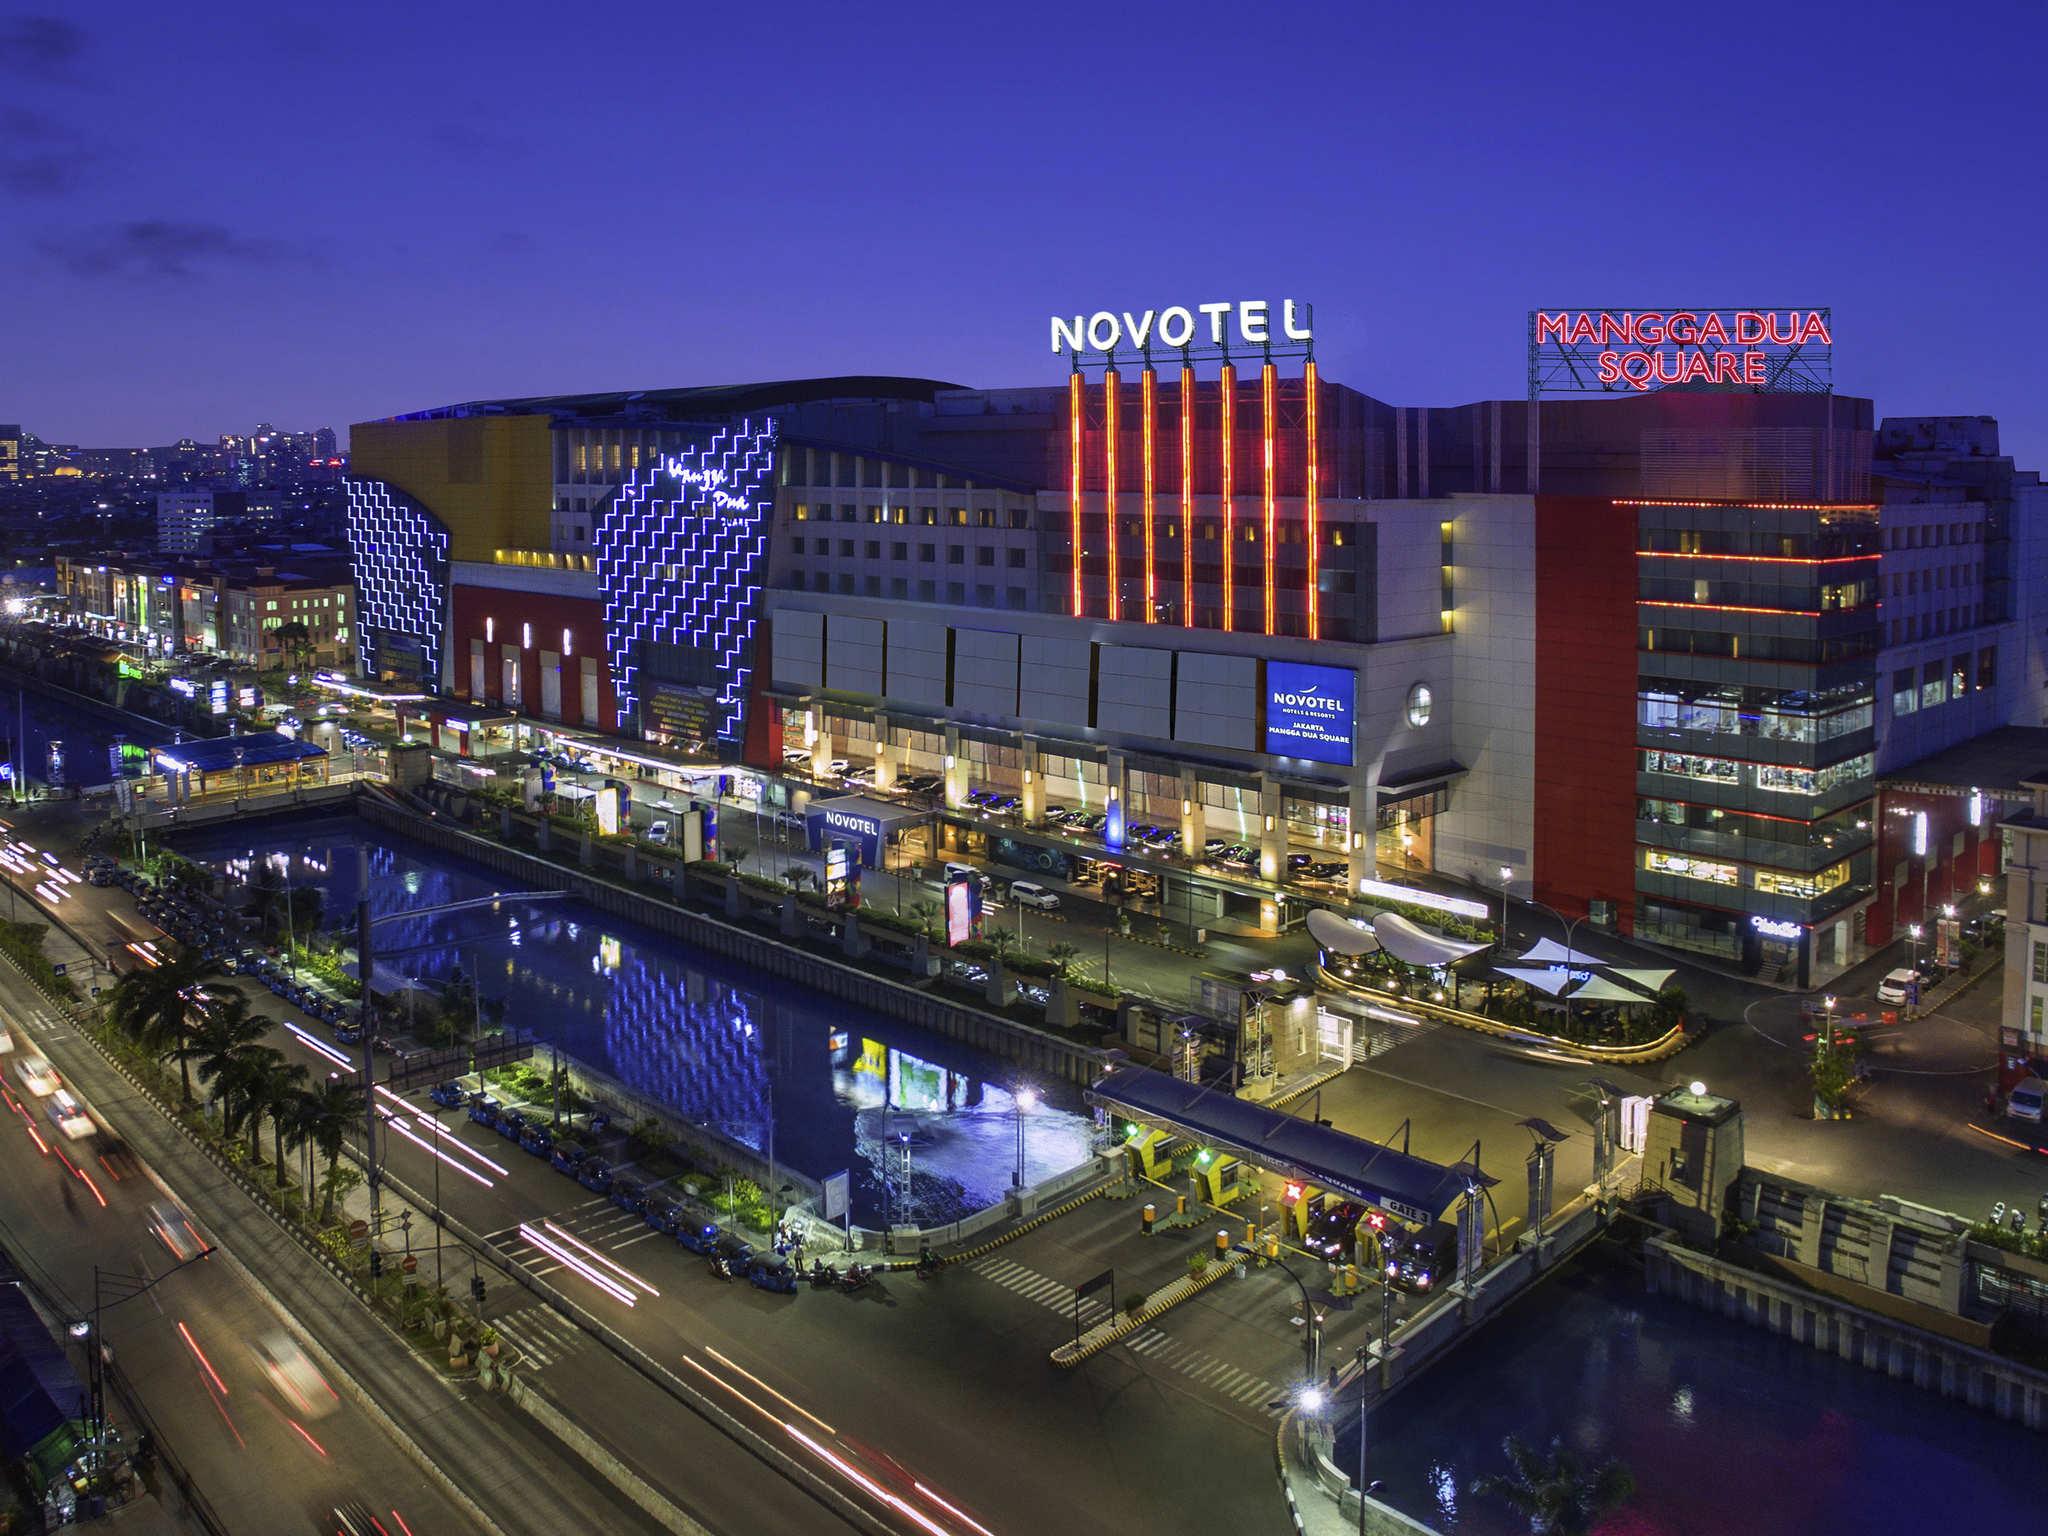 Senior Sales Manager Novotel Jakarta Mangga Dua Square English Hospitality On